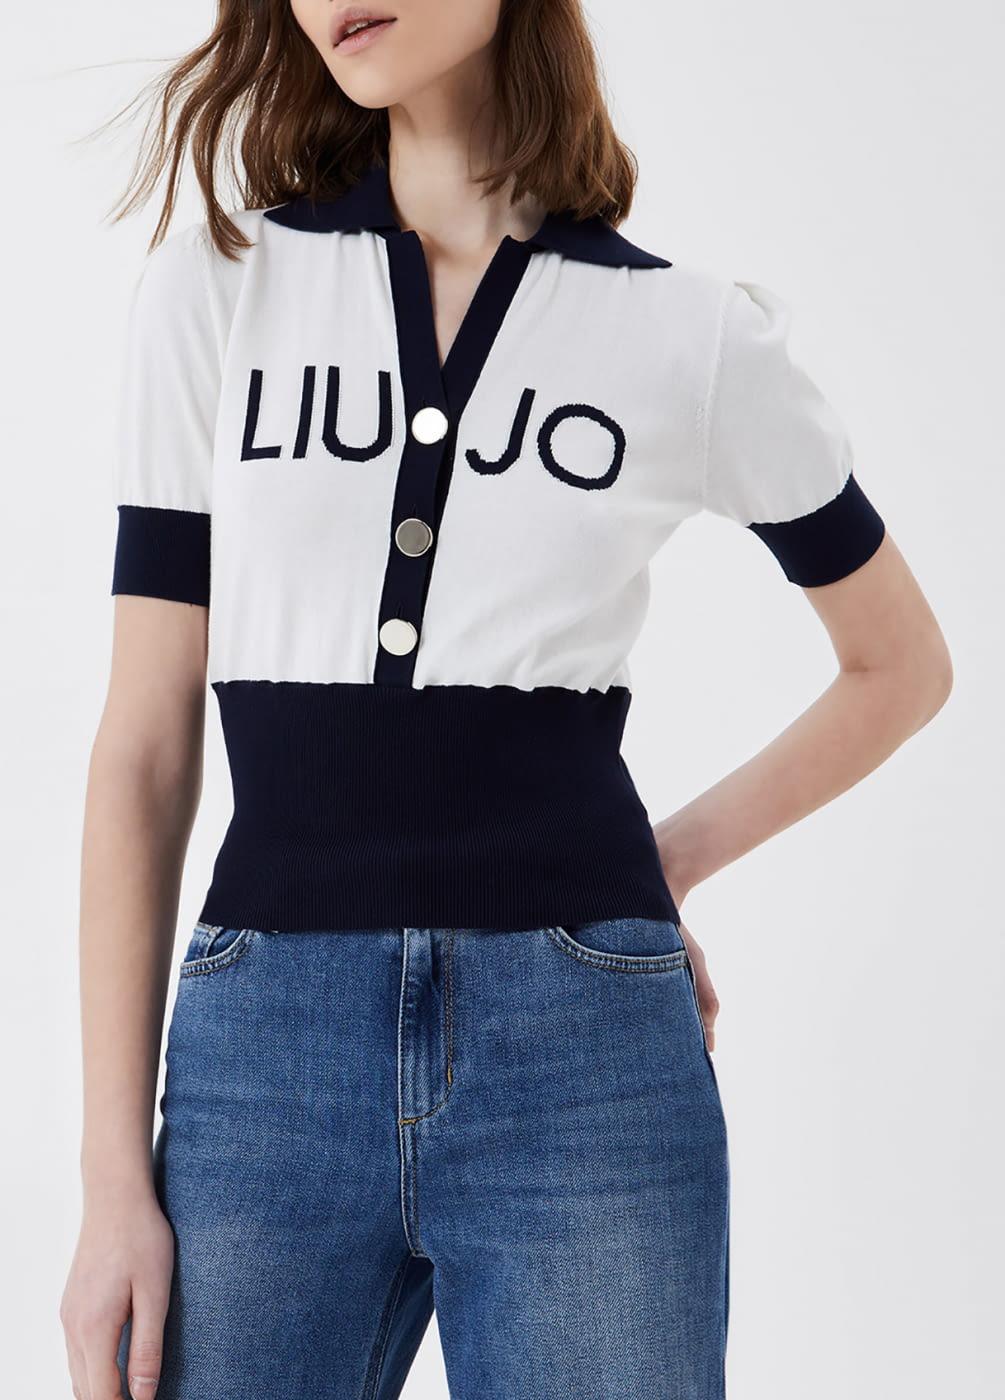 LIU·JO jersey tipo polo crudo y azul marino  con logo